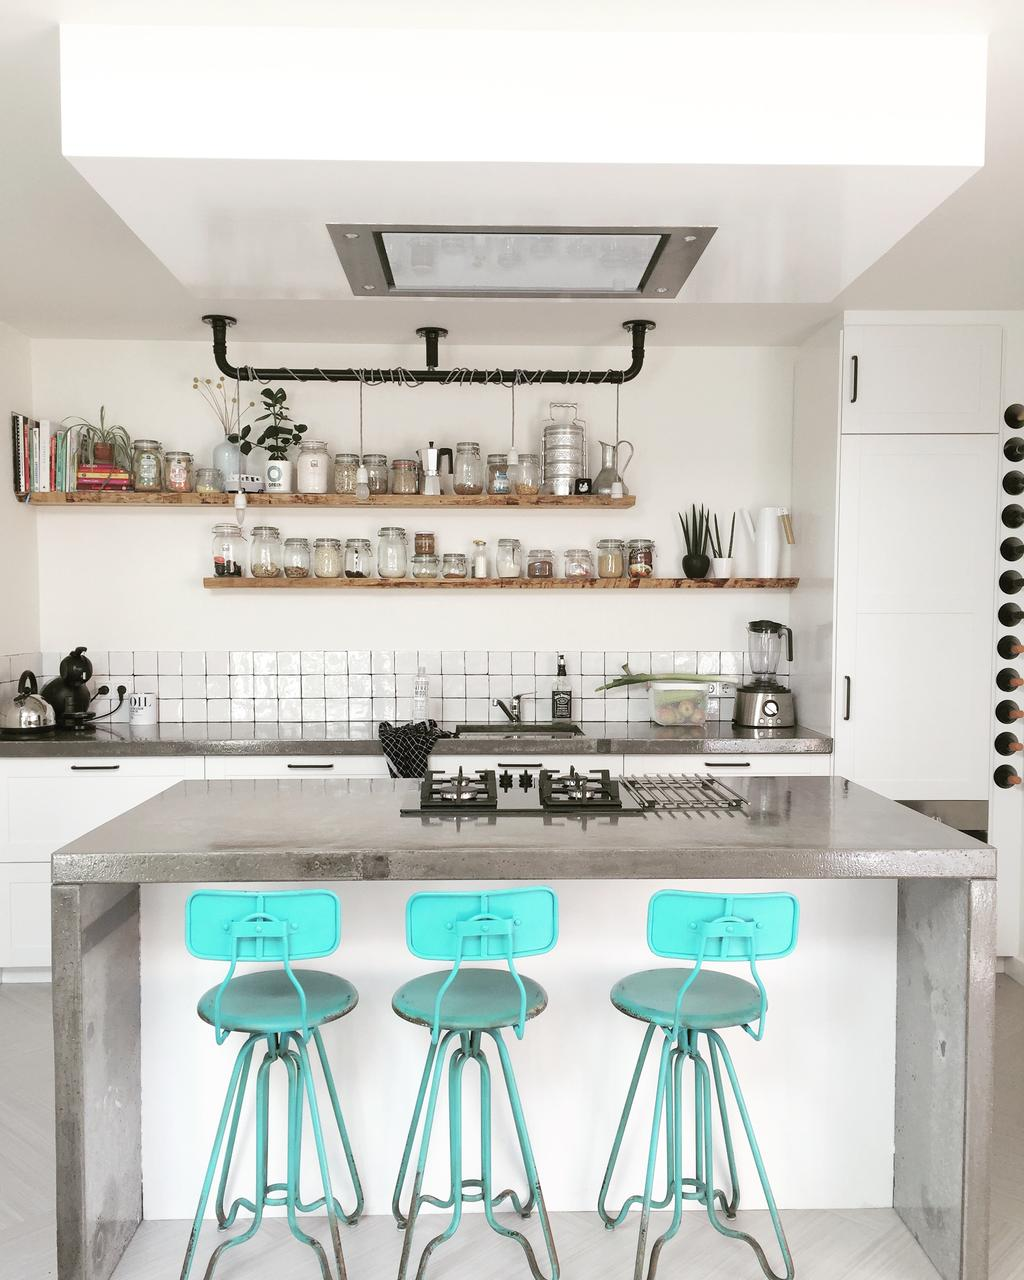 onze-stoere-nordic-industriele-keuken-de-lamp-is-gemaakt-door-mijn-man-en-het-beton-aanrechtblad-hebben-we-zelf-gestort-met-wat-mooie-design-accessoires-en-weckpotten-op-de-douglashouten-planken-maakt-dit-pareltje-onze-keuken-helemaal-af